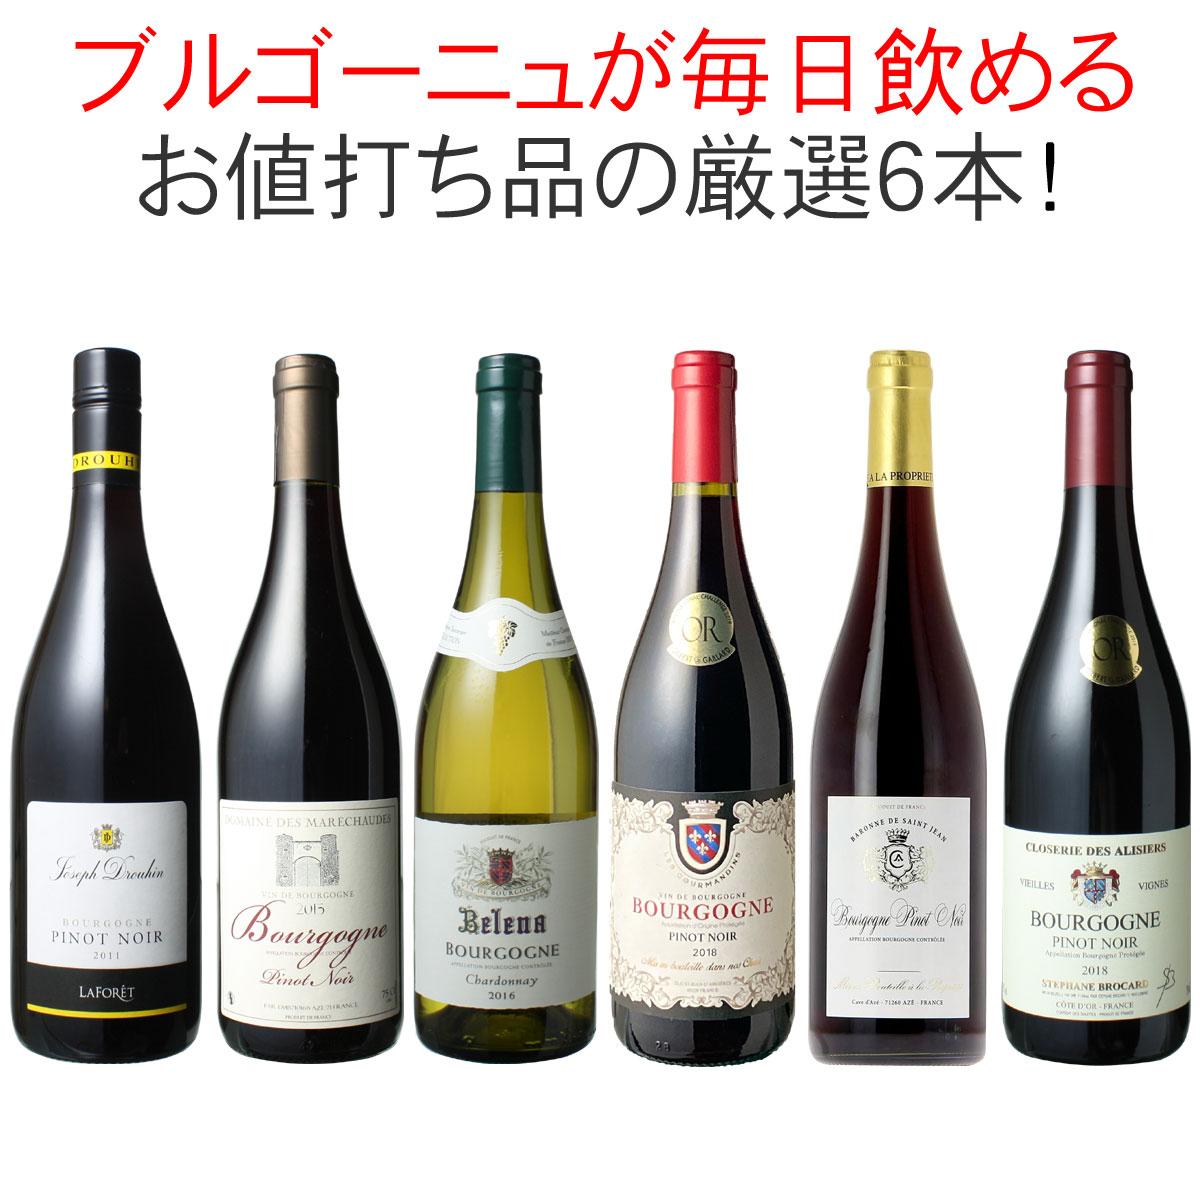 ワインセット ブルゴーニュ 6本 セット ピノ・ノワール 赤ワイン 白ワイン お値打ちブルゴーニュ 家飲み 御祝 誕生日 ハロウィン ギフト パーティー